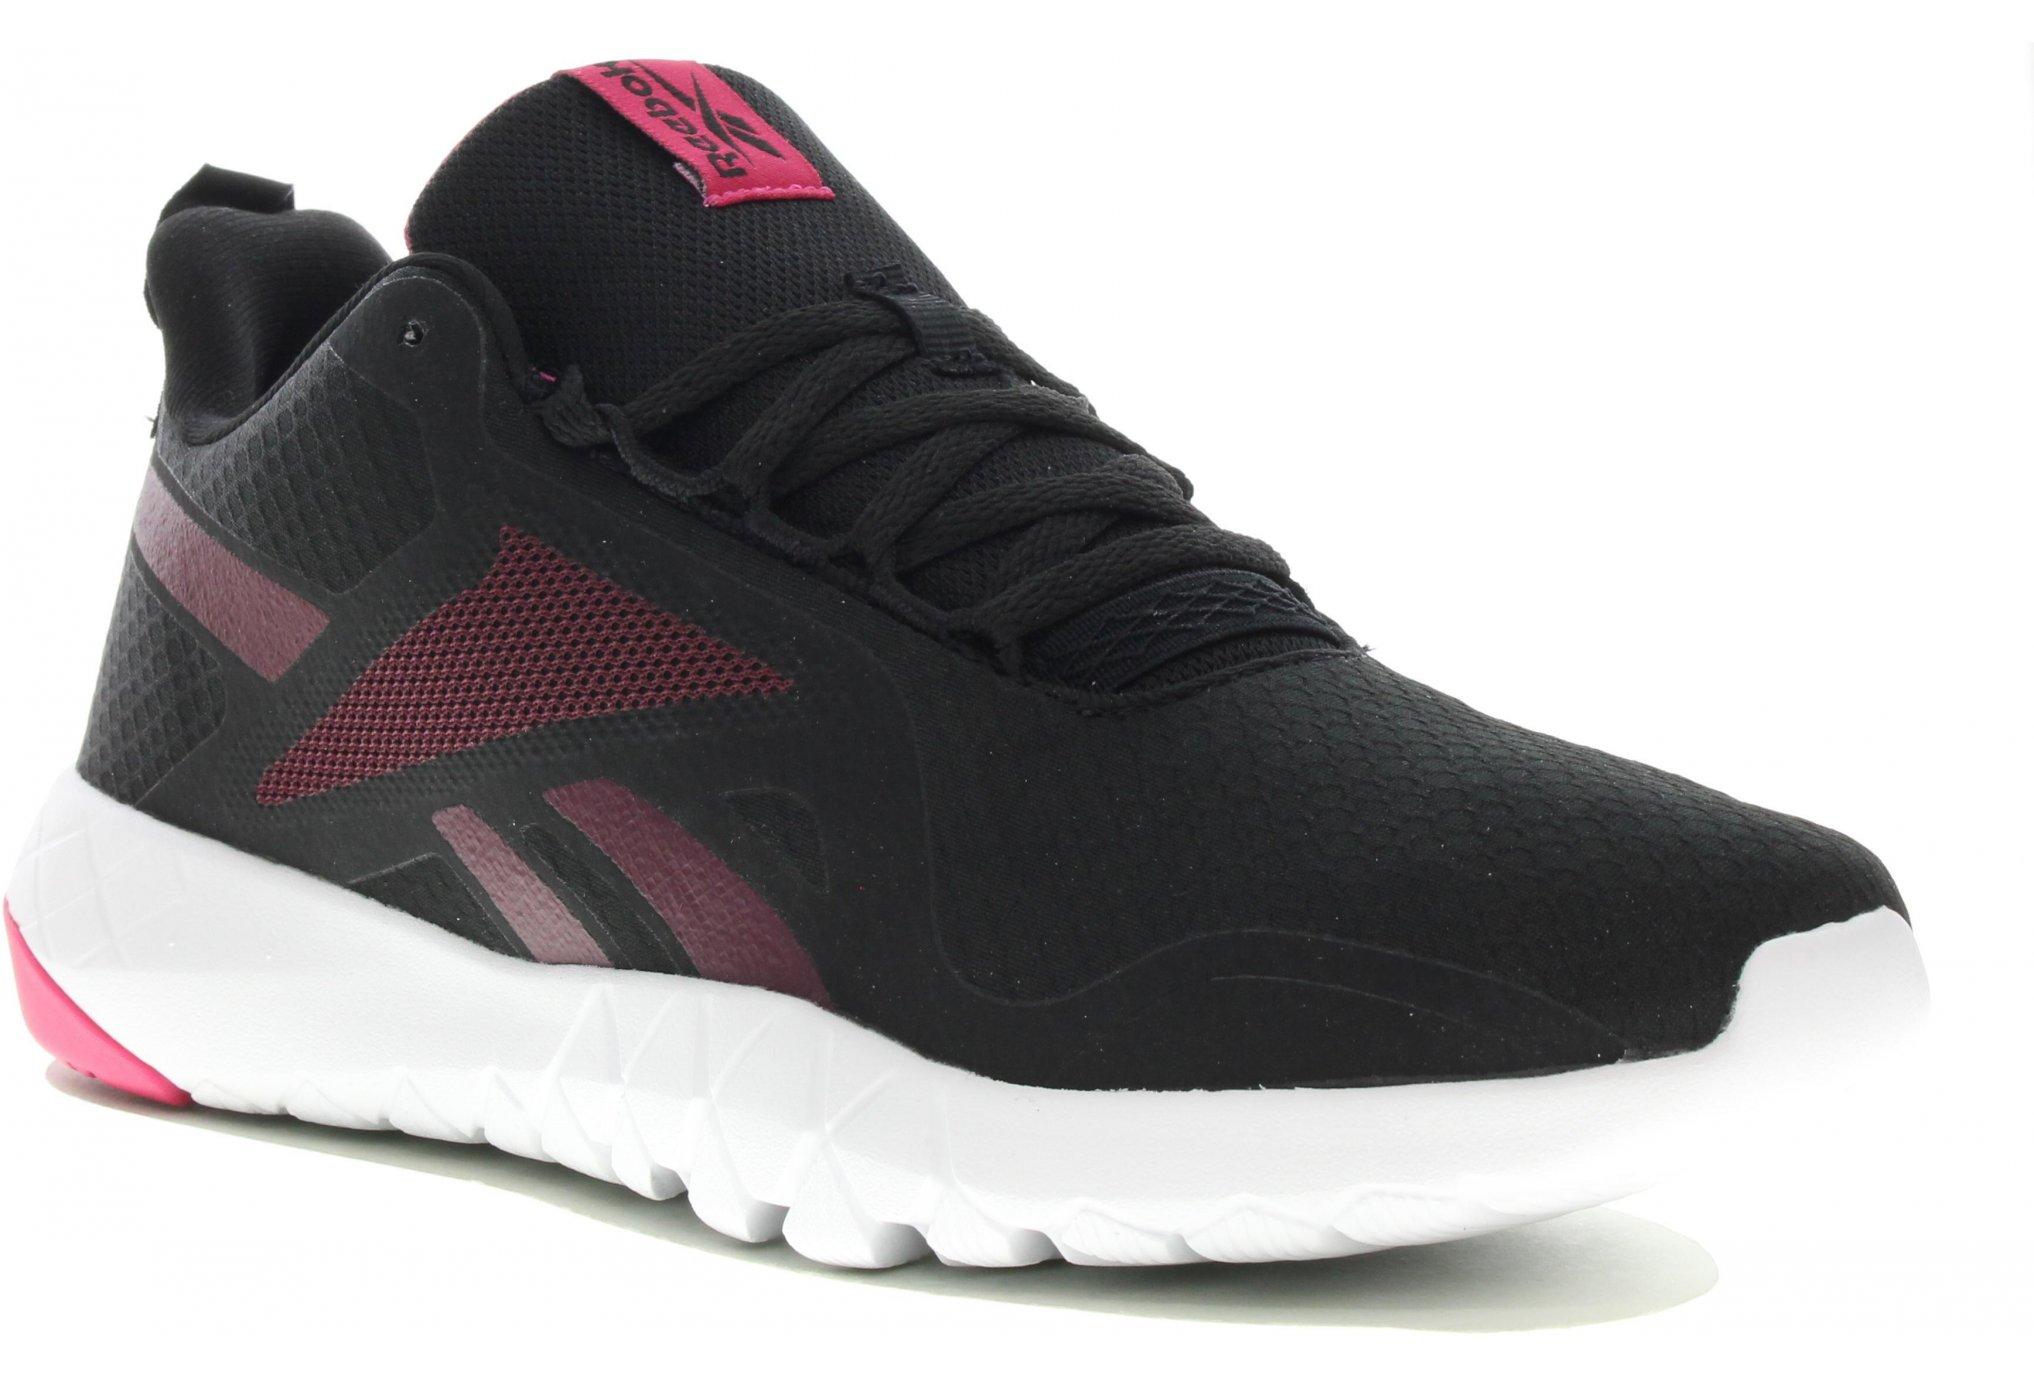 Reebok Flexagon Force 3.0 W Chaussures running femme